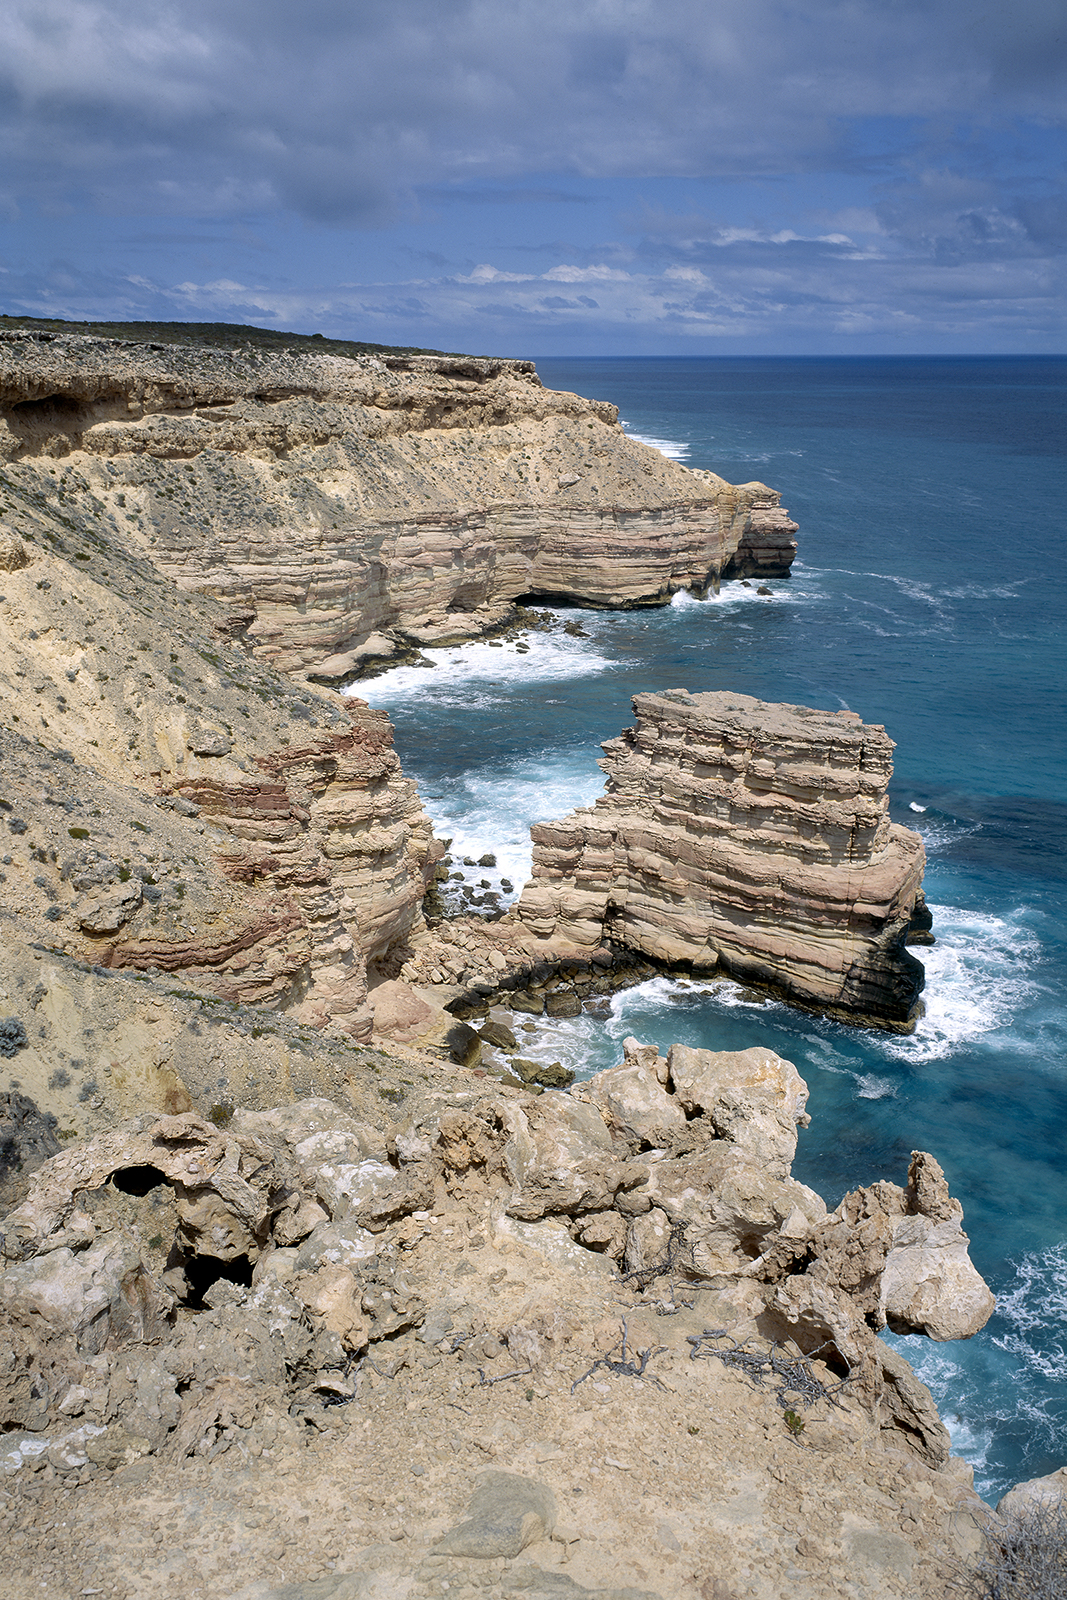 Island Rock, Kalbarri N.P.